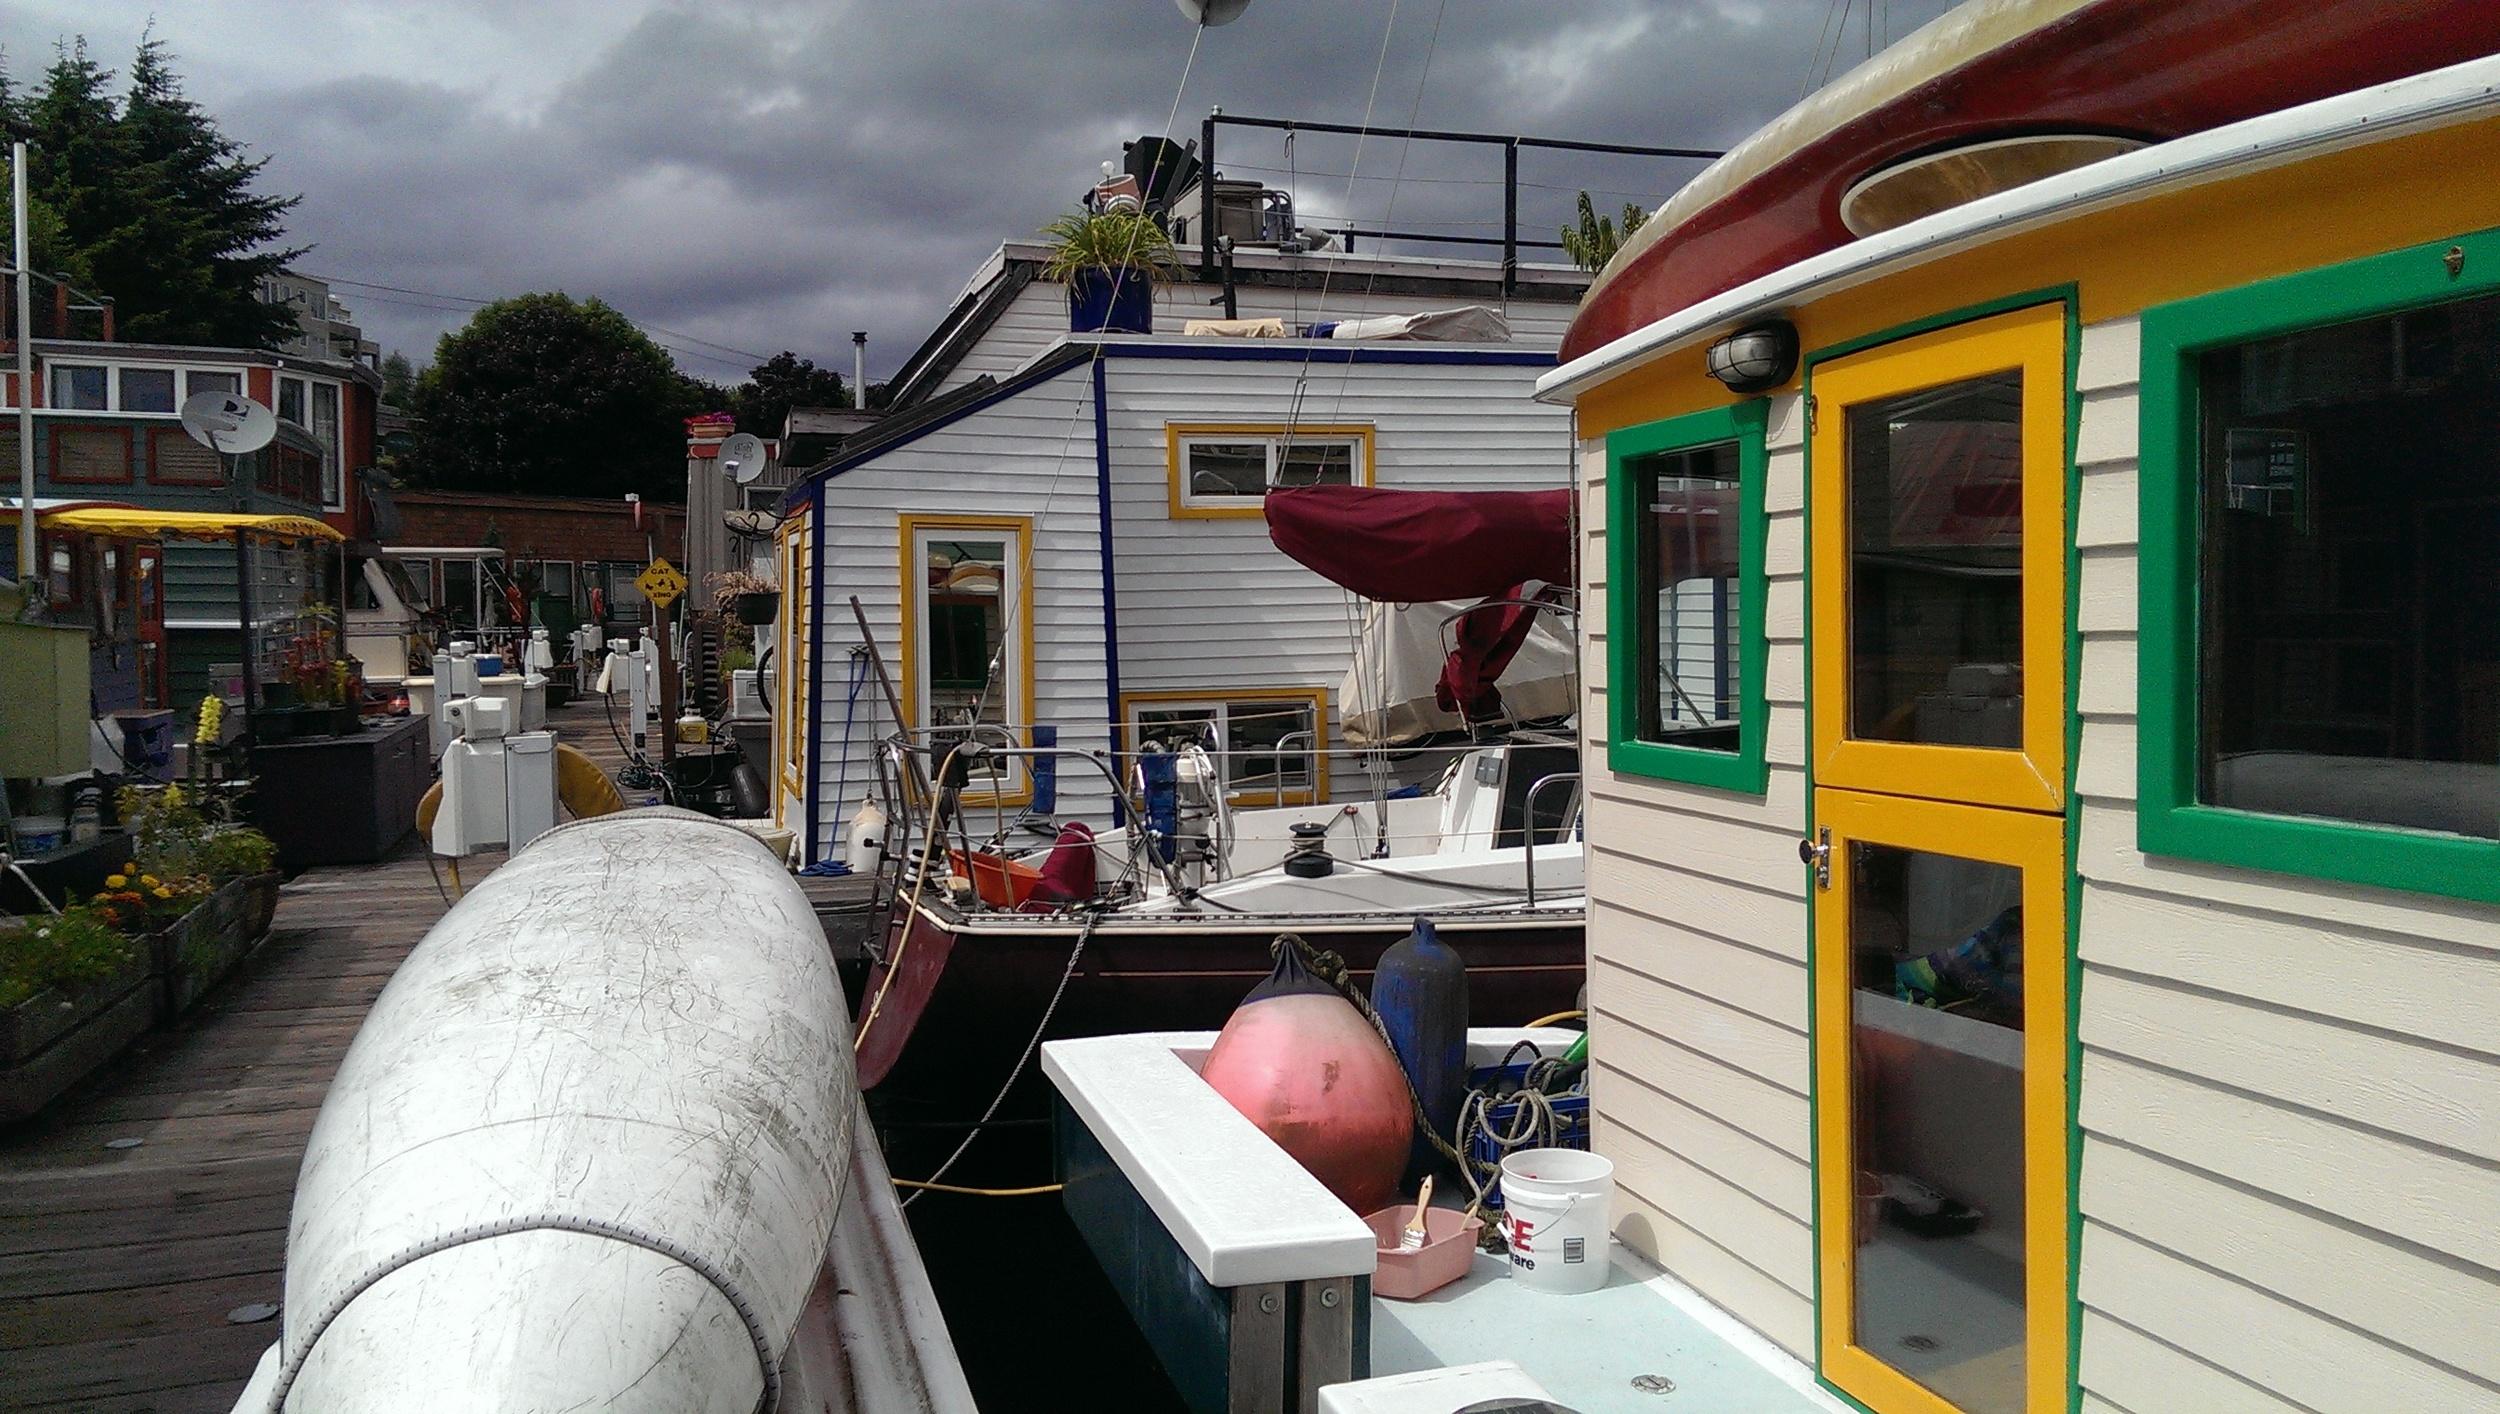 27 - Happy Houseboats